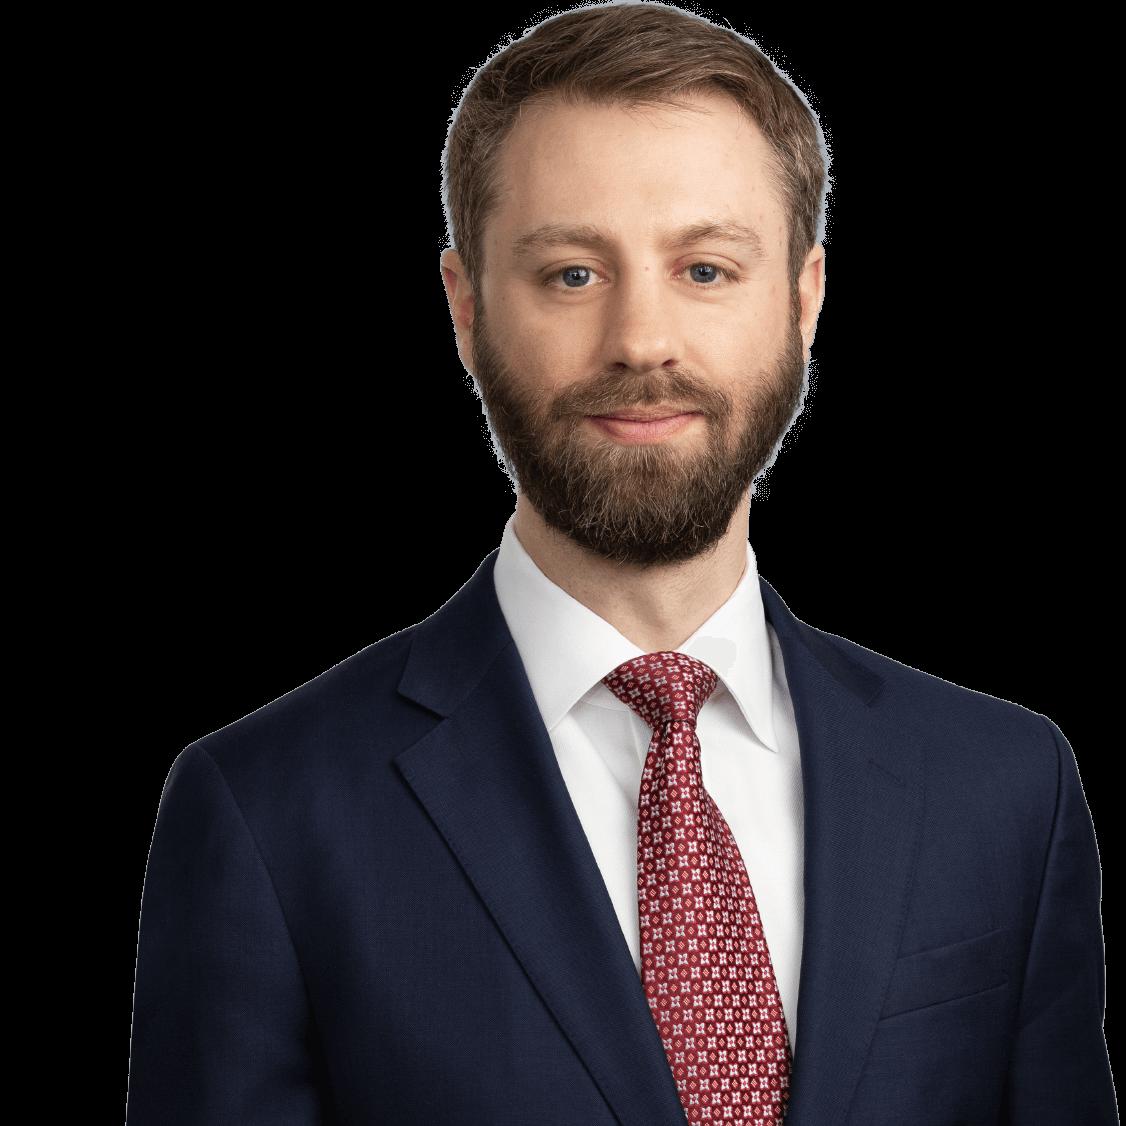 Matthew R. Ryan